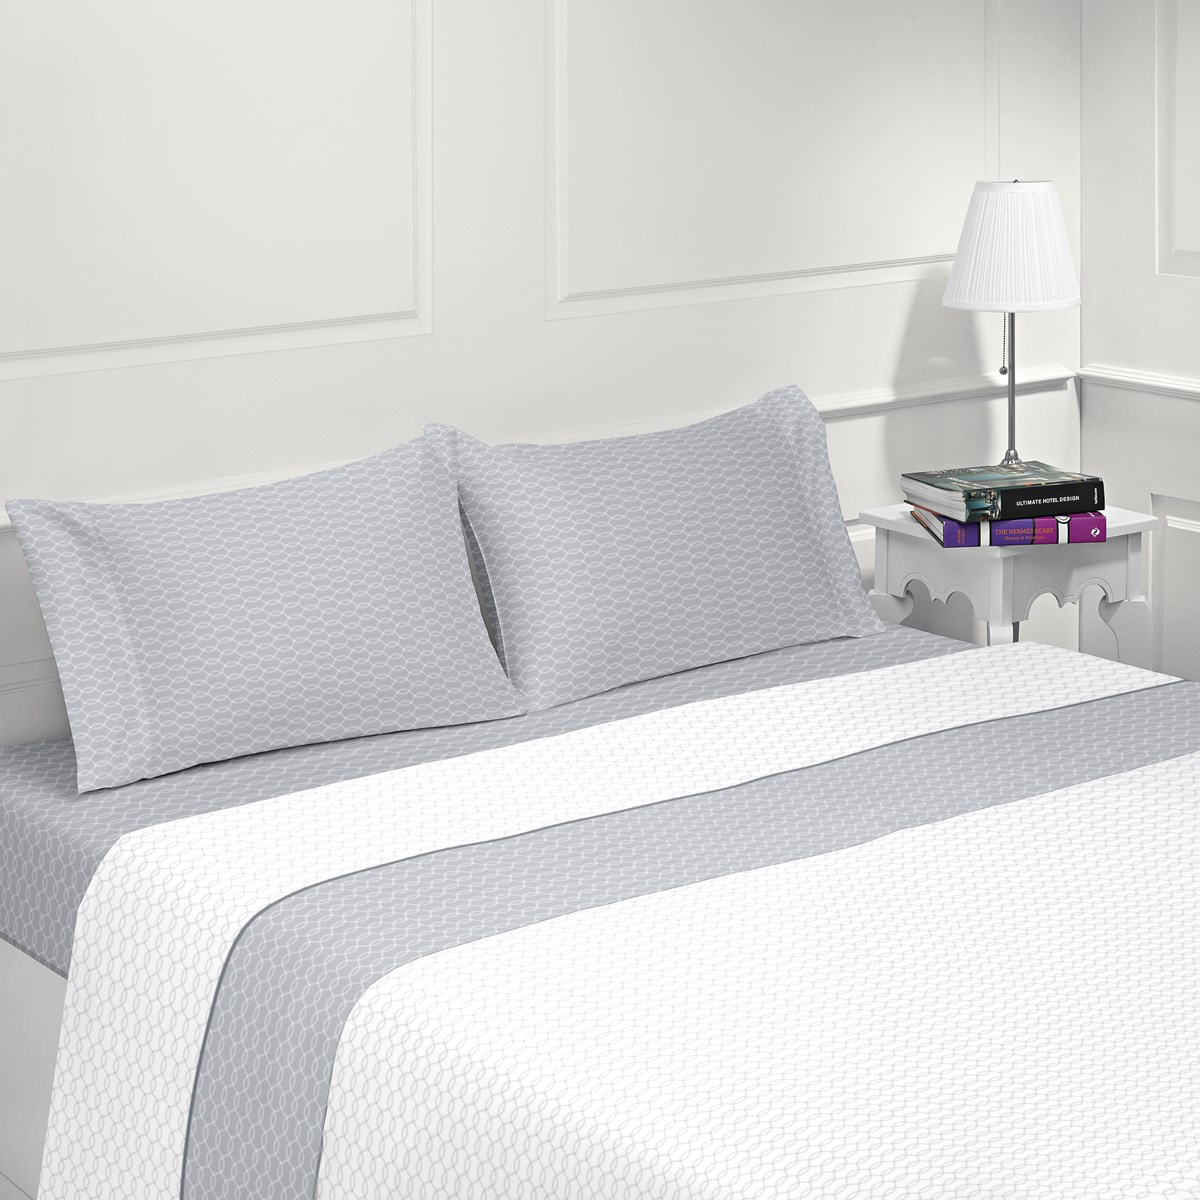 Parure de drap flanelle en coton gris clair 180x200 cm (photo)